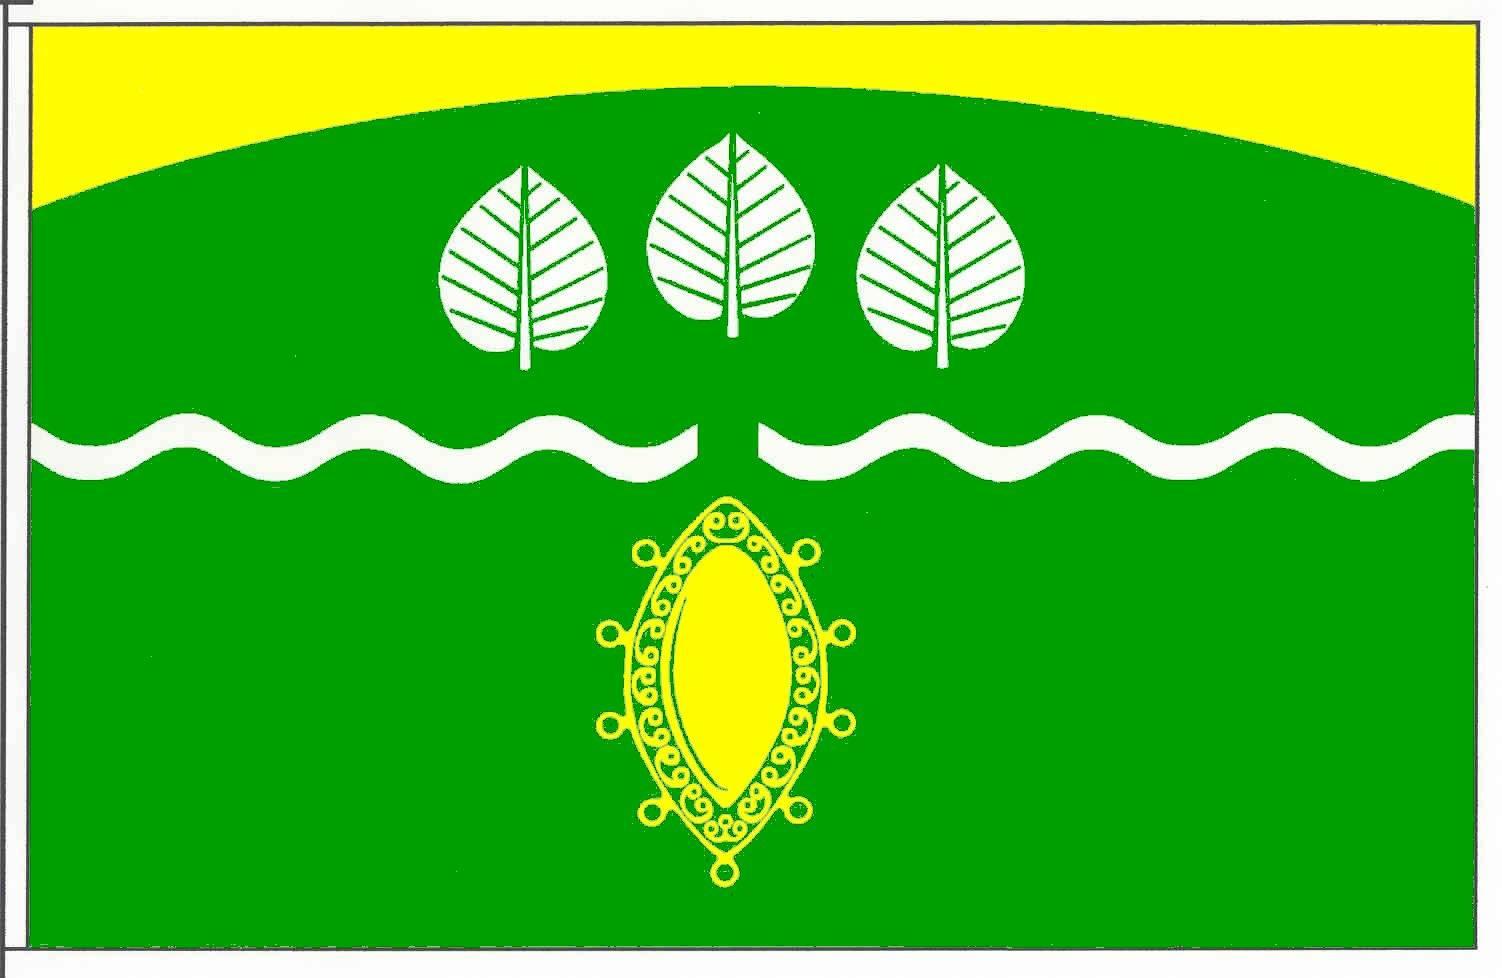 Flagge GemeindeFöhrden-Barl, Kreis Segeberg